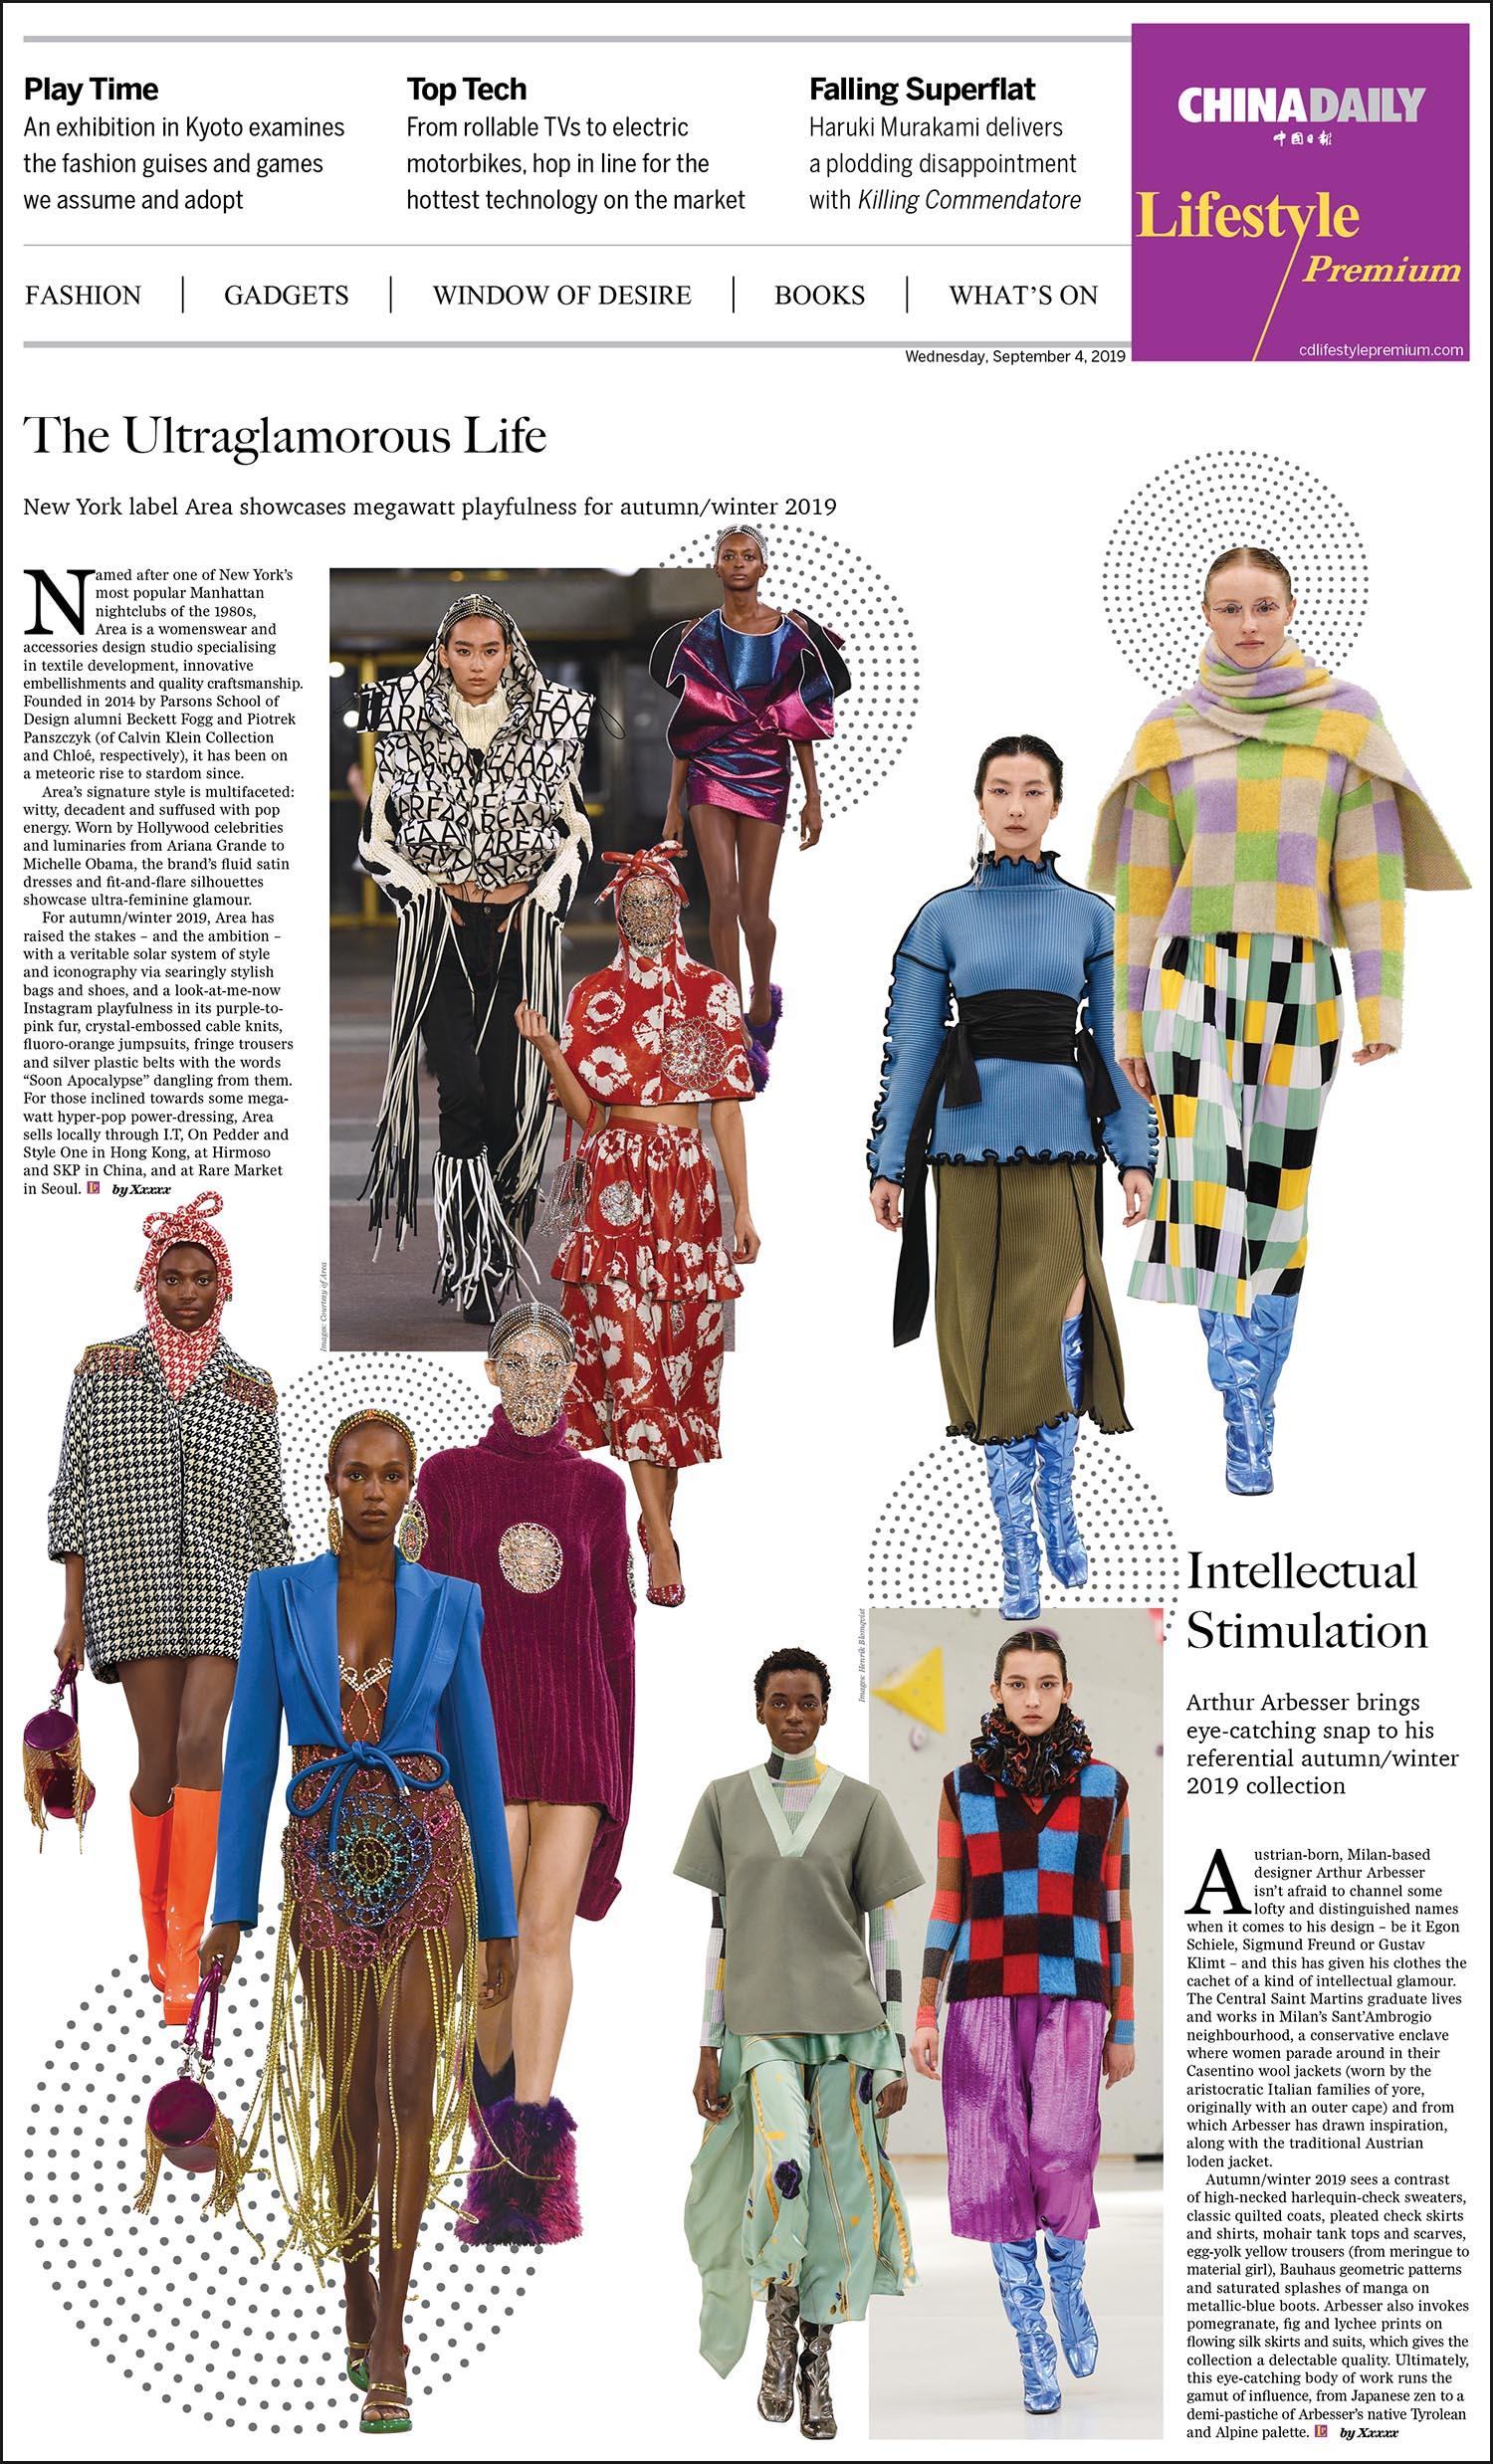 September 4 Issue